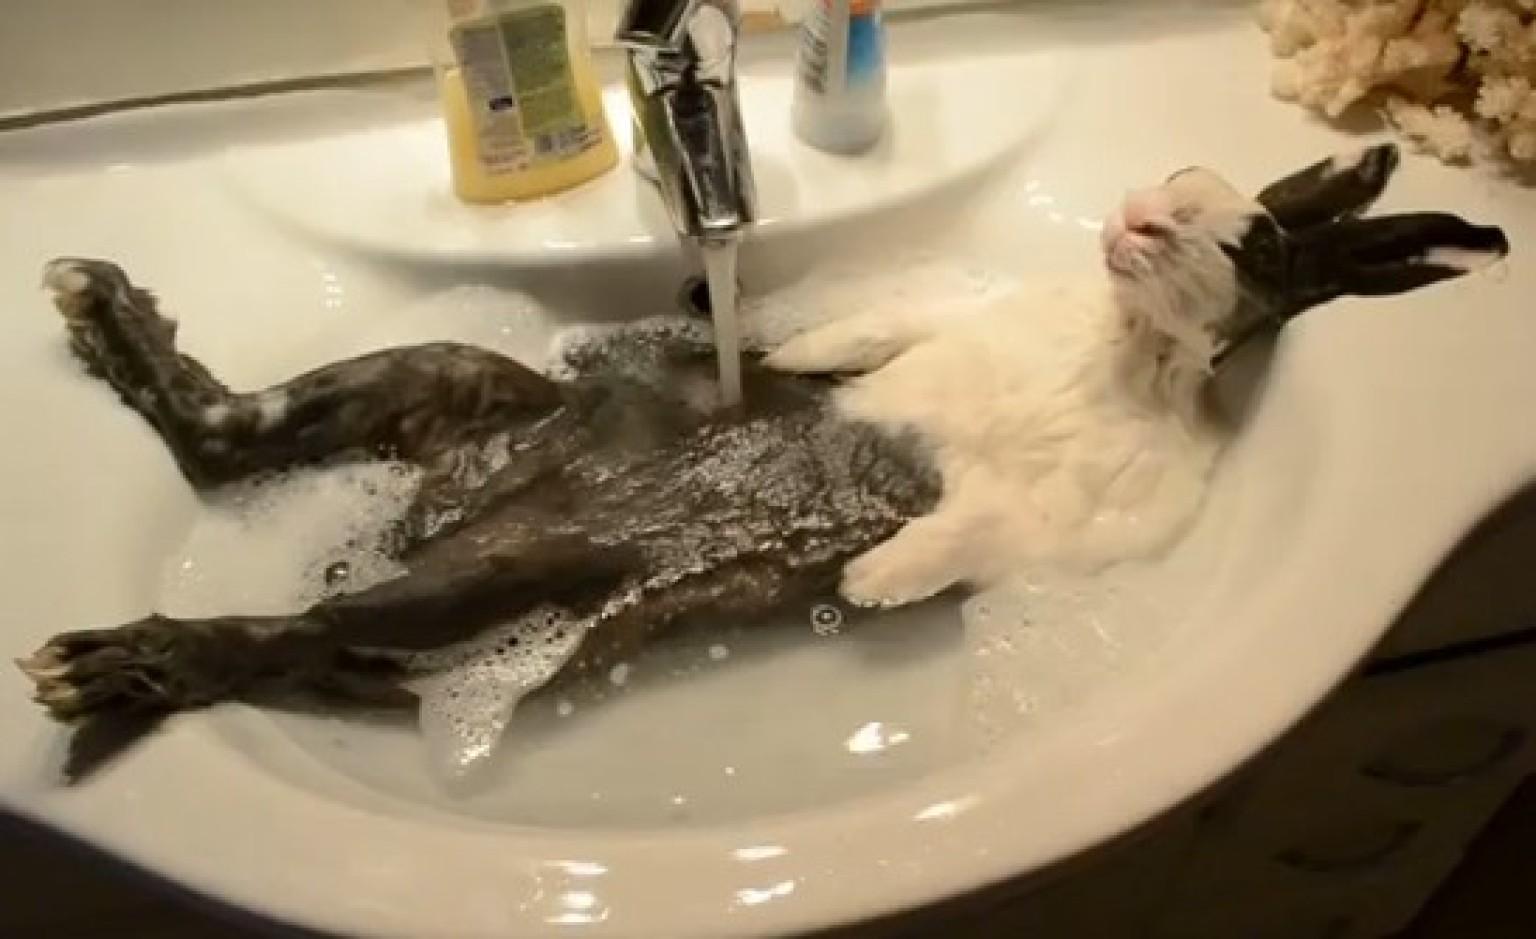 Animaux adorables un lapin qui prend son bain vid o - Comment laver serviette de bain ...